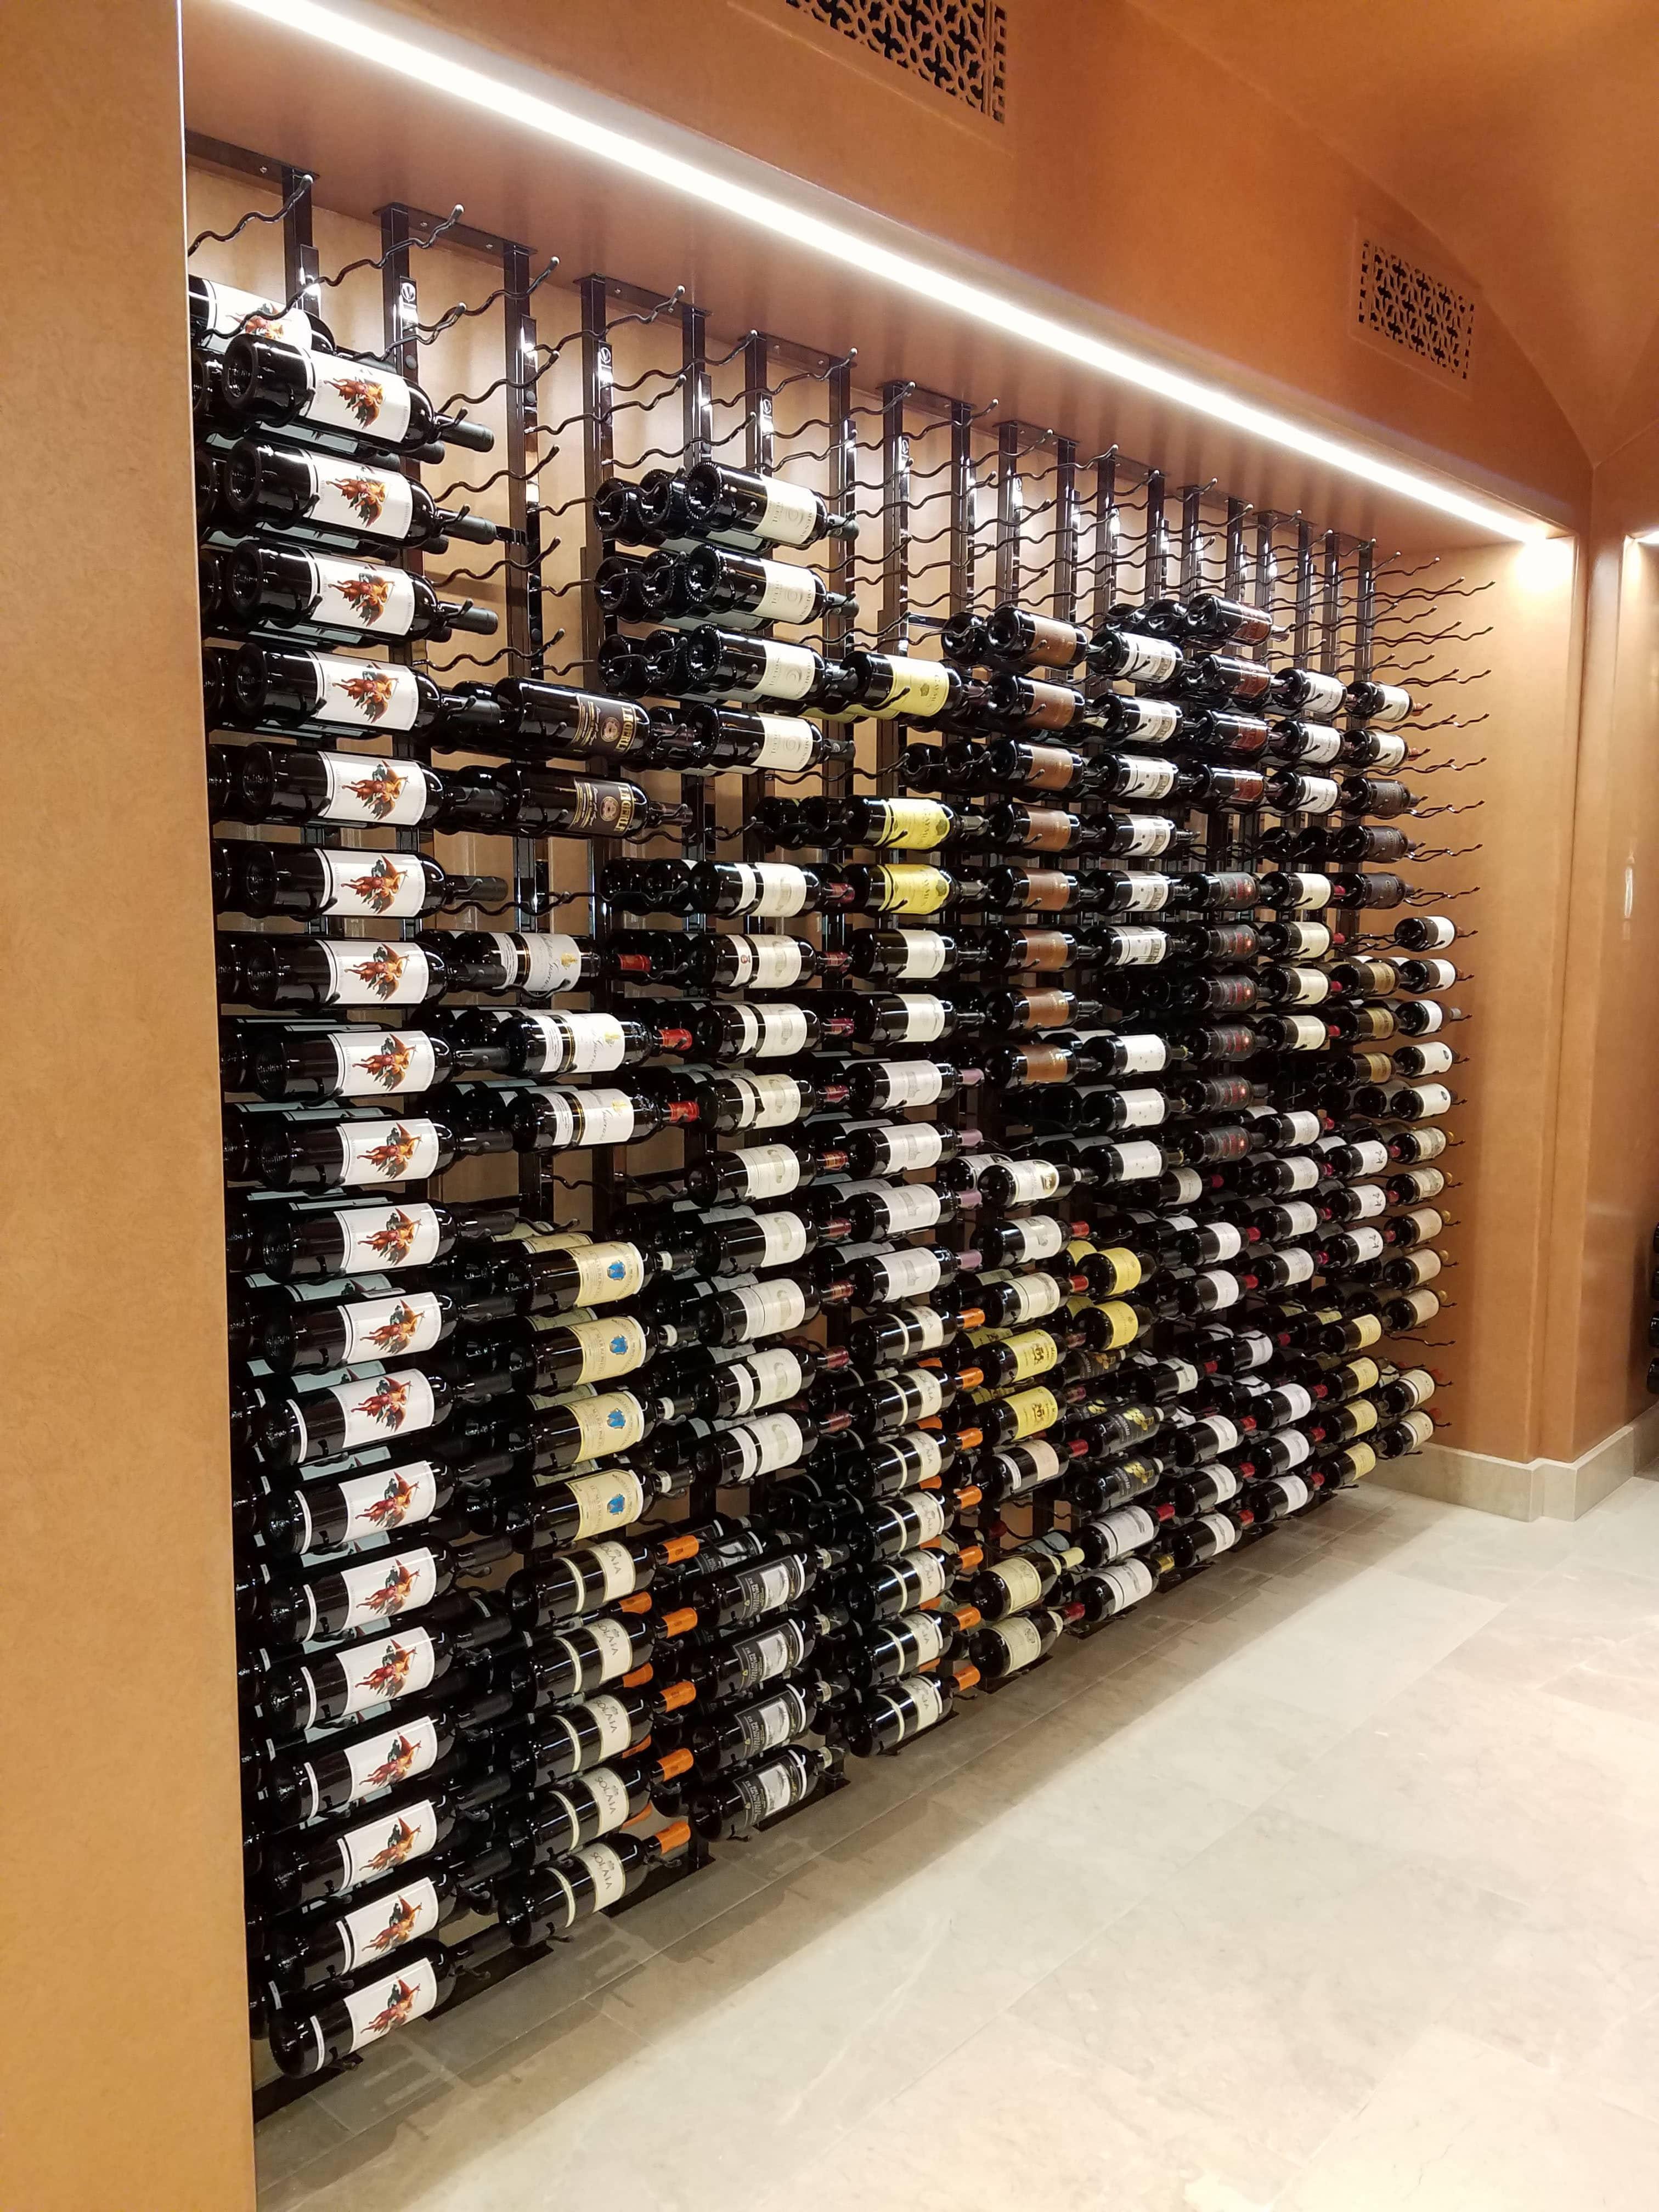 A Stunning Floor To Ceiling Metal Wine Rack Display In Irvine